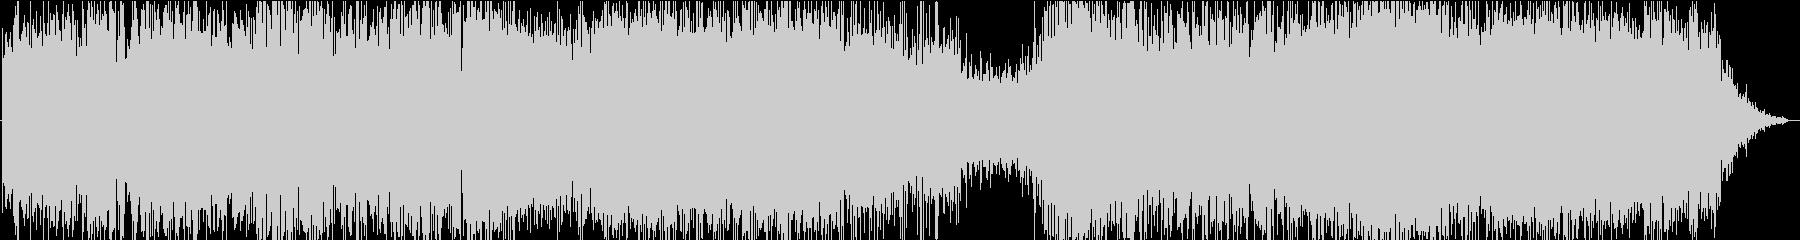 ドローン ミスタービーム01の未再生の波形